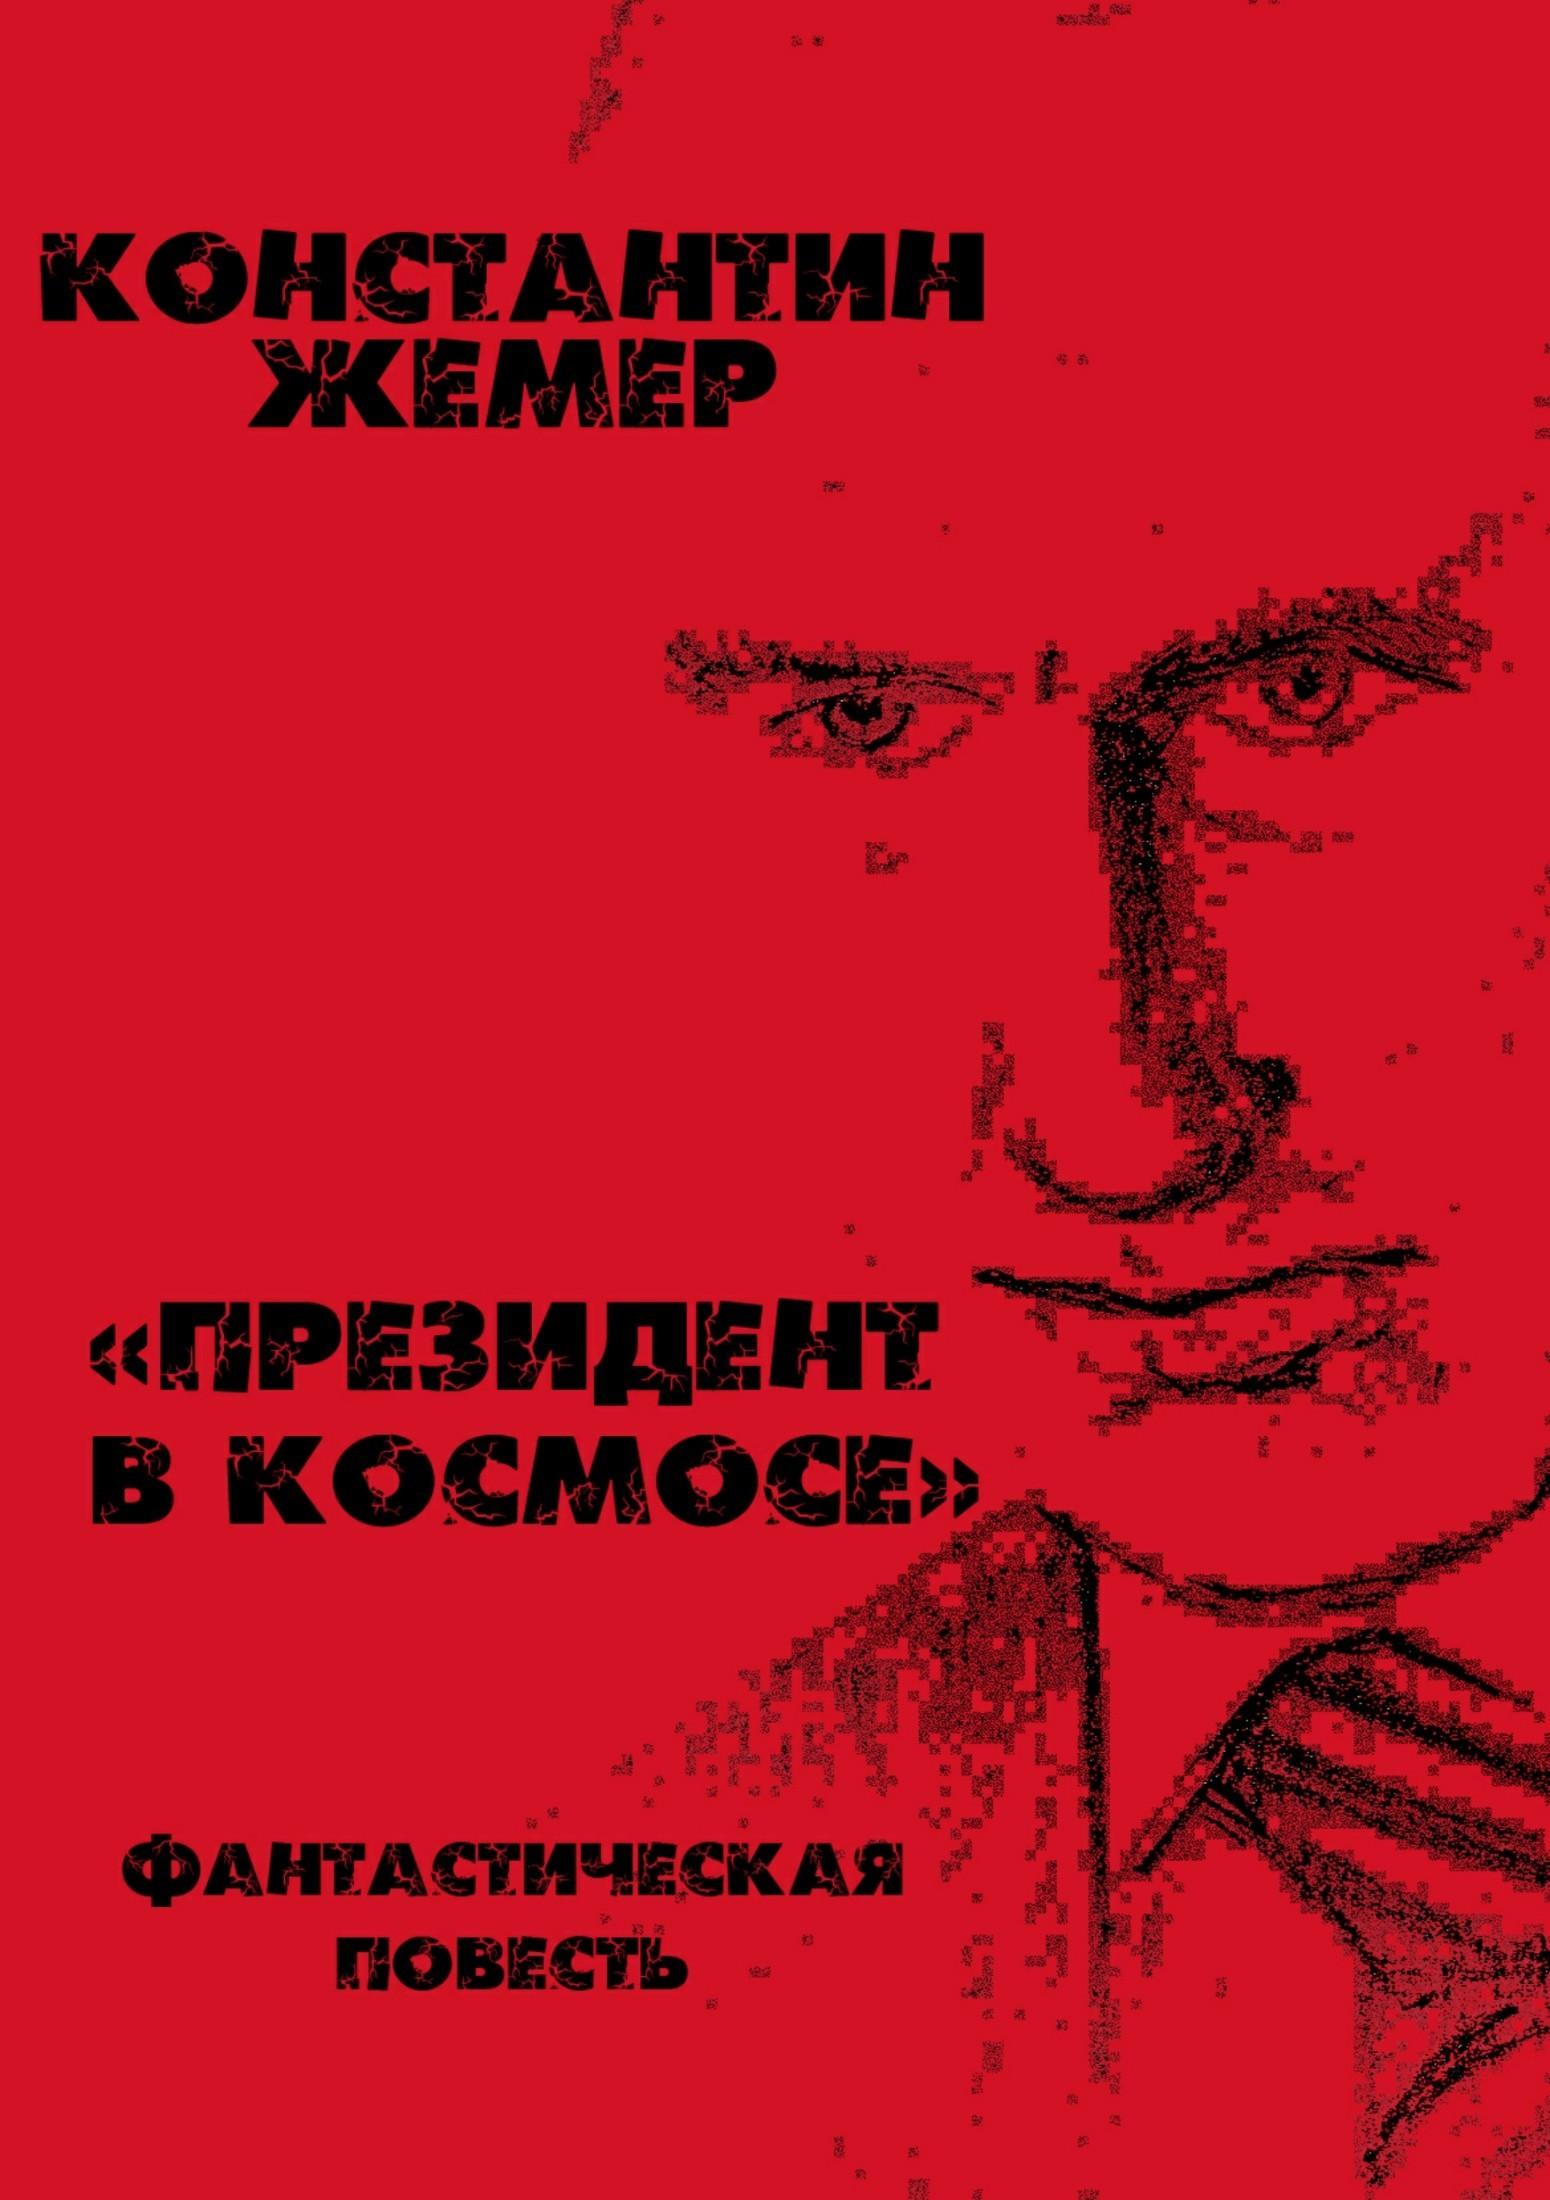 Константин Геннадьевич Жемер. Президент в космосе